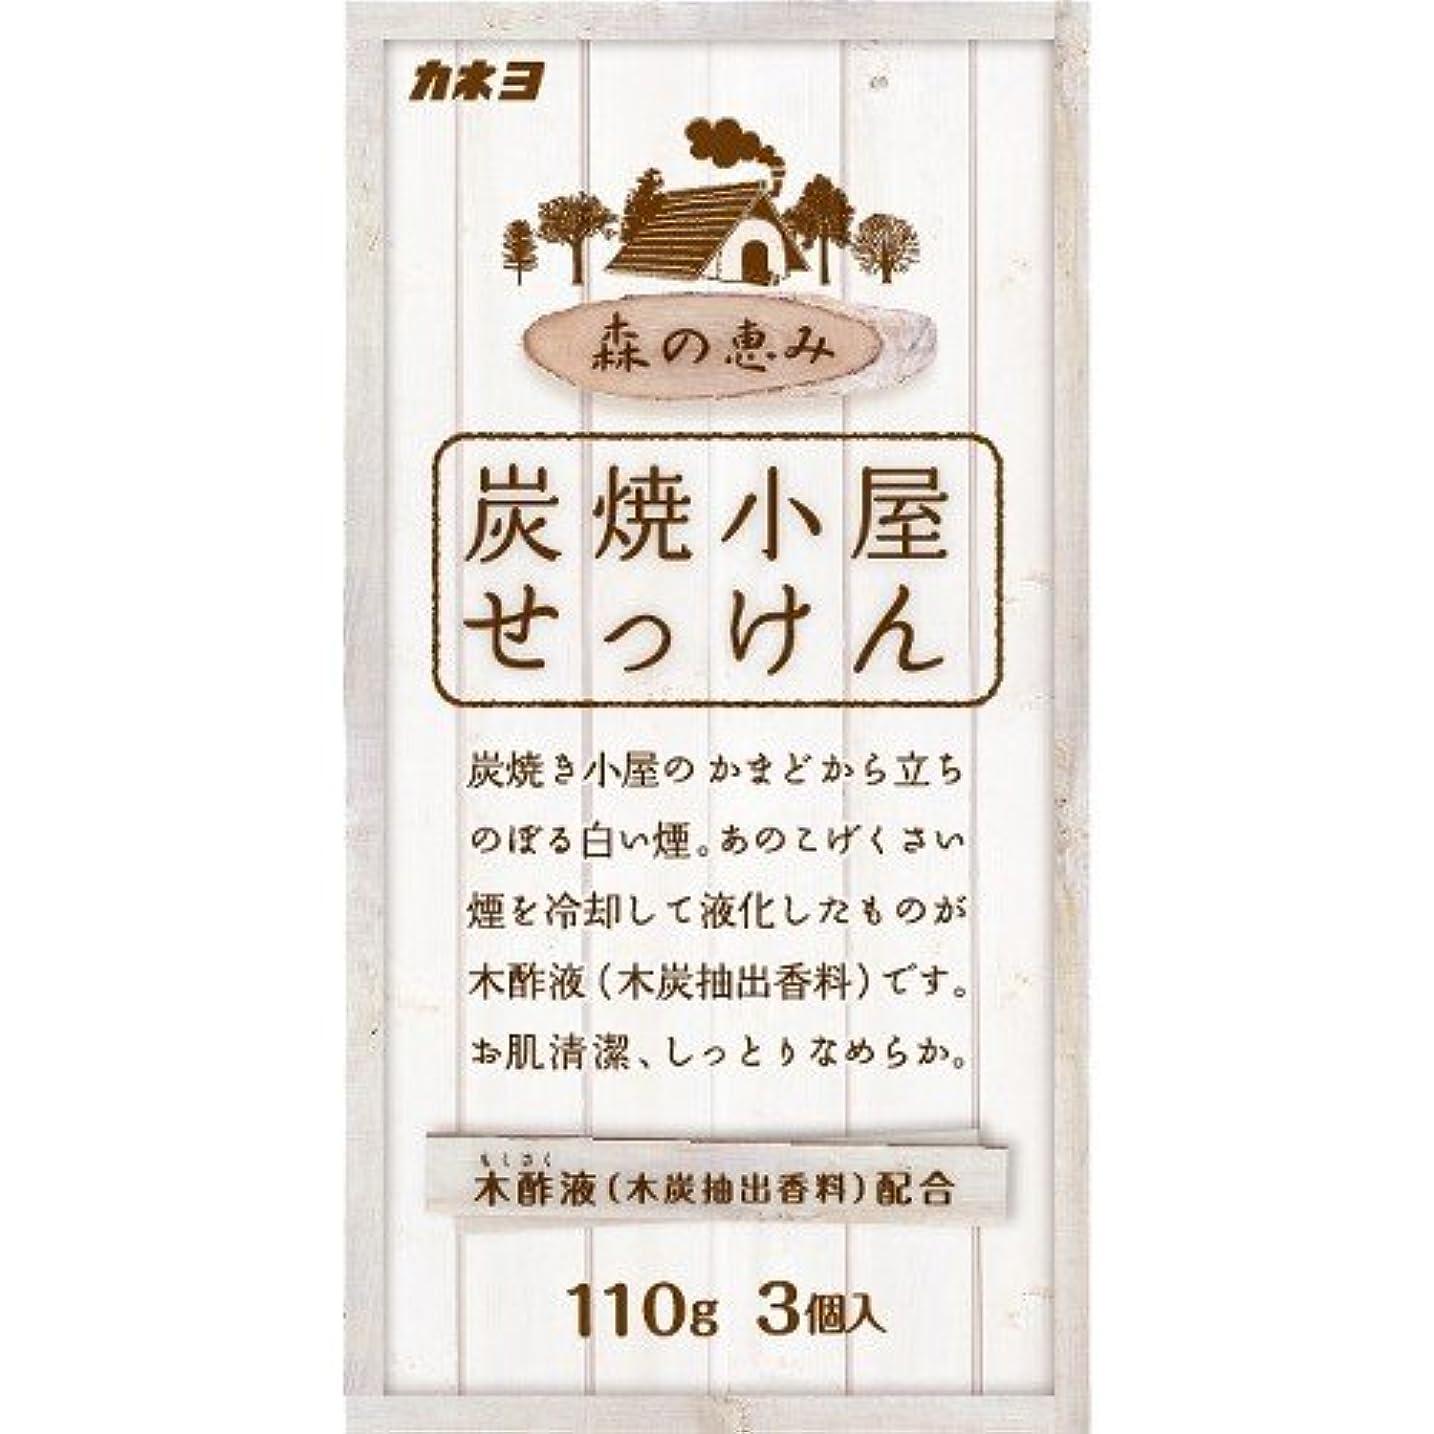 炭素ひねくれた放出カネヨ石鹸 炭焼小屋 化粧石けん 110g×3個入